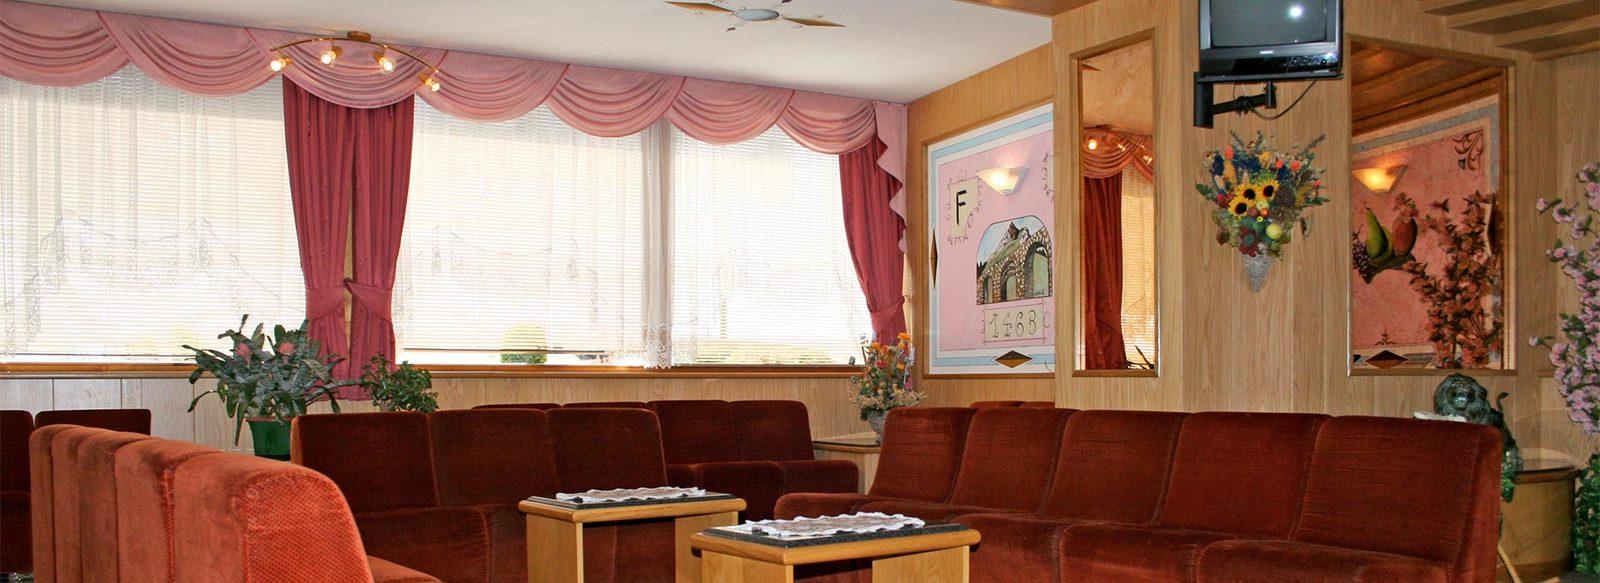 Hotel 3* in centro a Cavedago